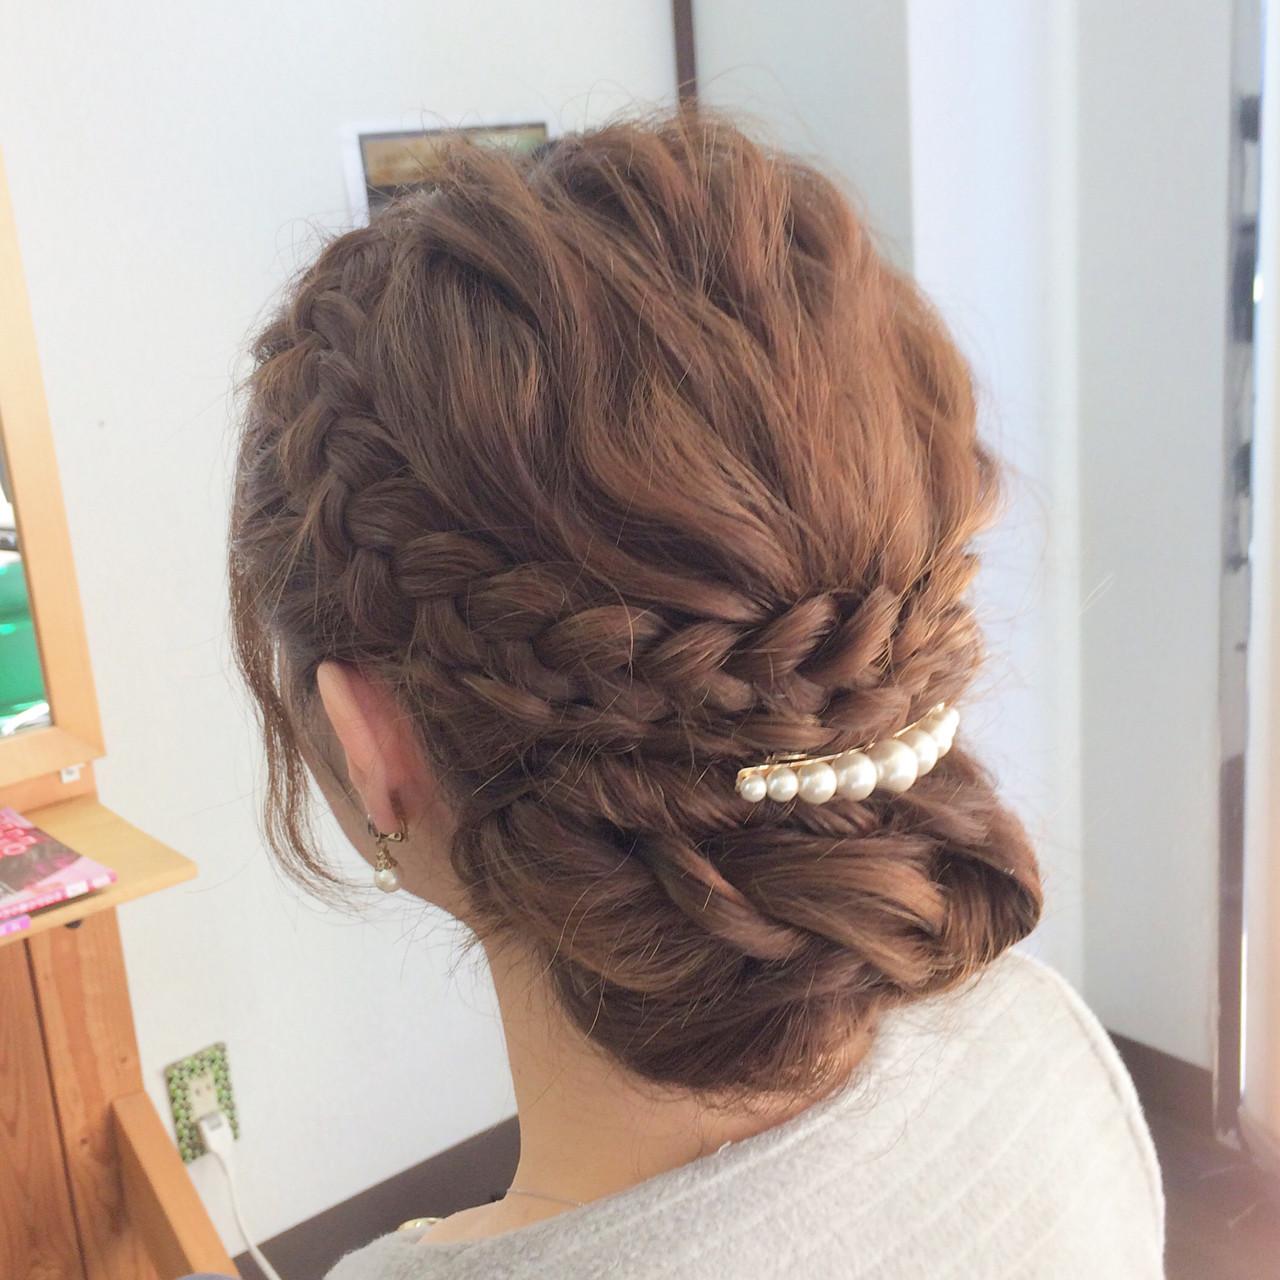 結婚式 簡単ヘアアレンジ ロング フェミニン ヘアスタイルや髪型の写真・画像